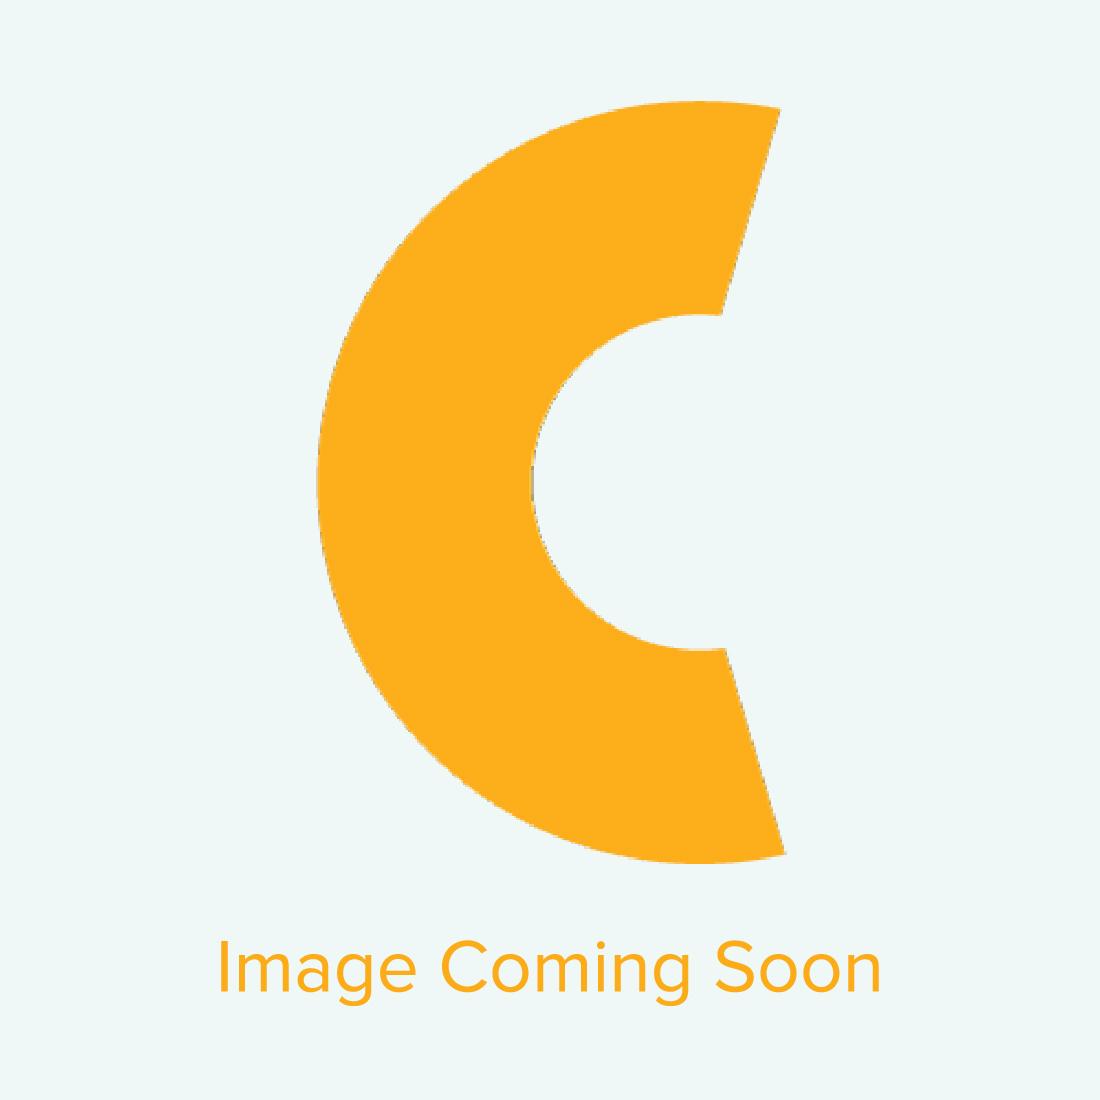 """Geo Knight Digital Swing Away Heat Press Machine (model JP12) - 9"""" x 12"""""""